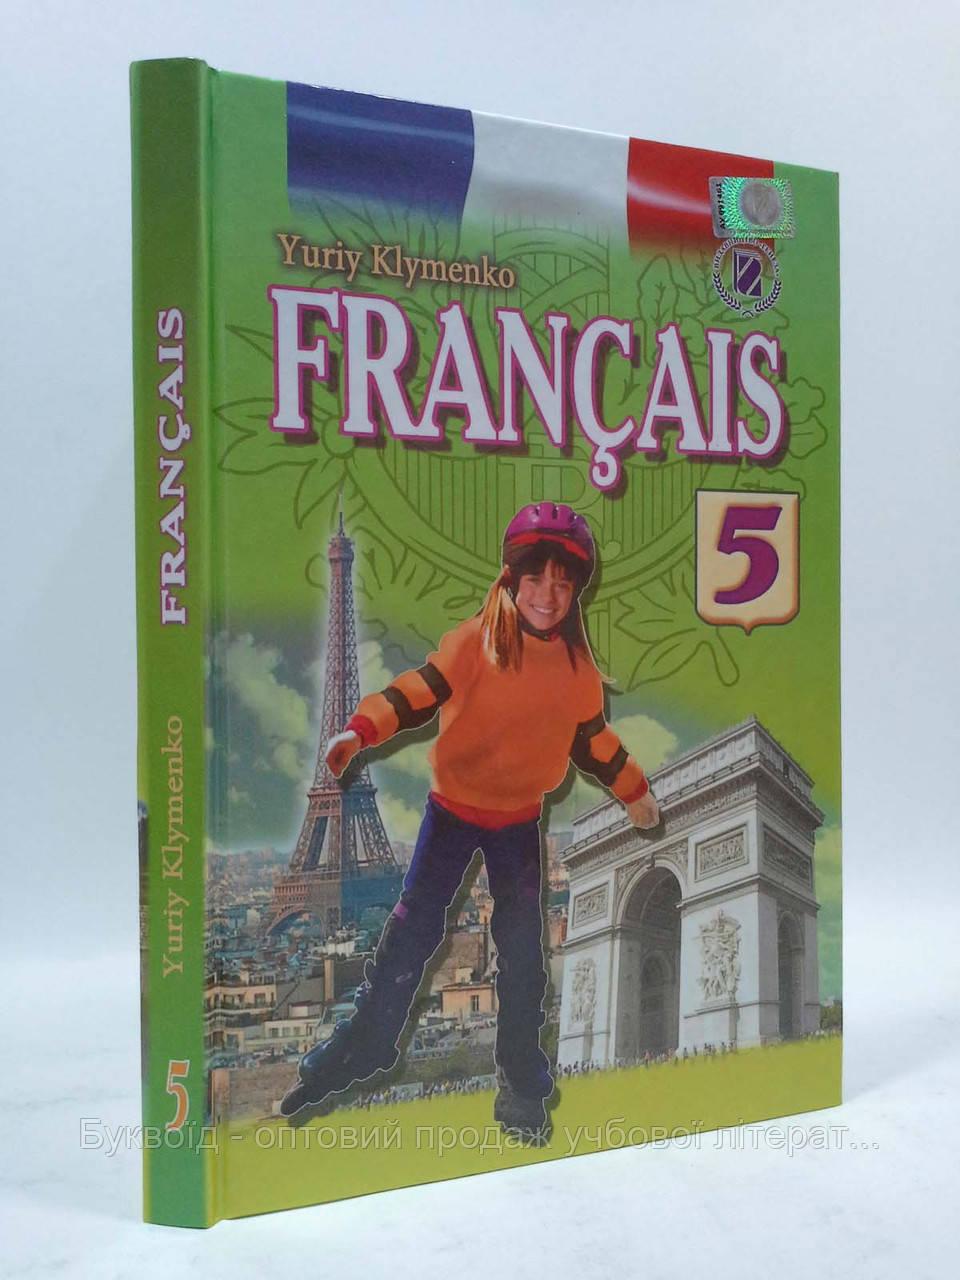 Французька мова 5 клас Підручник 5-й рік навчання Клименко Генеза ISBN 978-966-11-0254-4